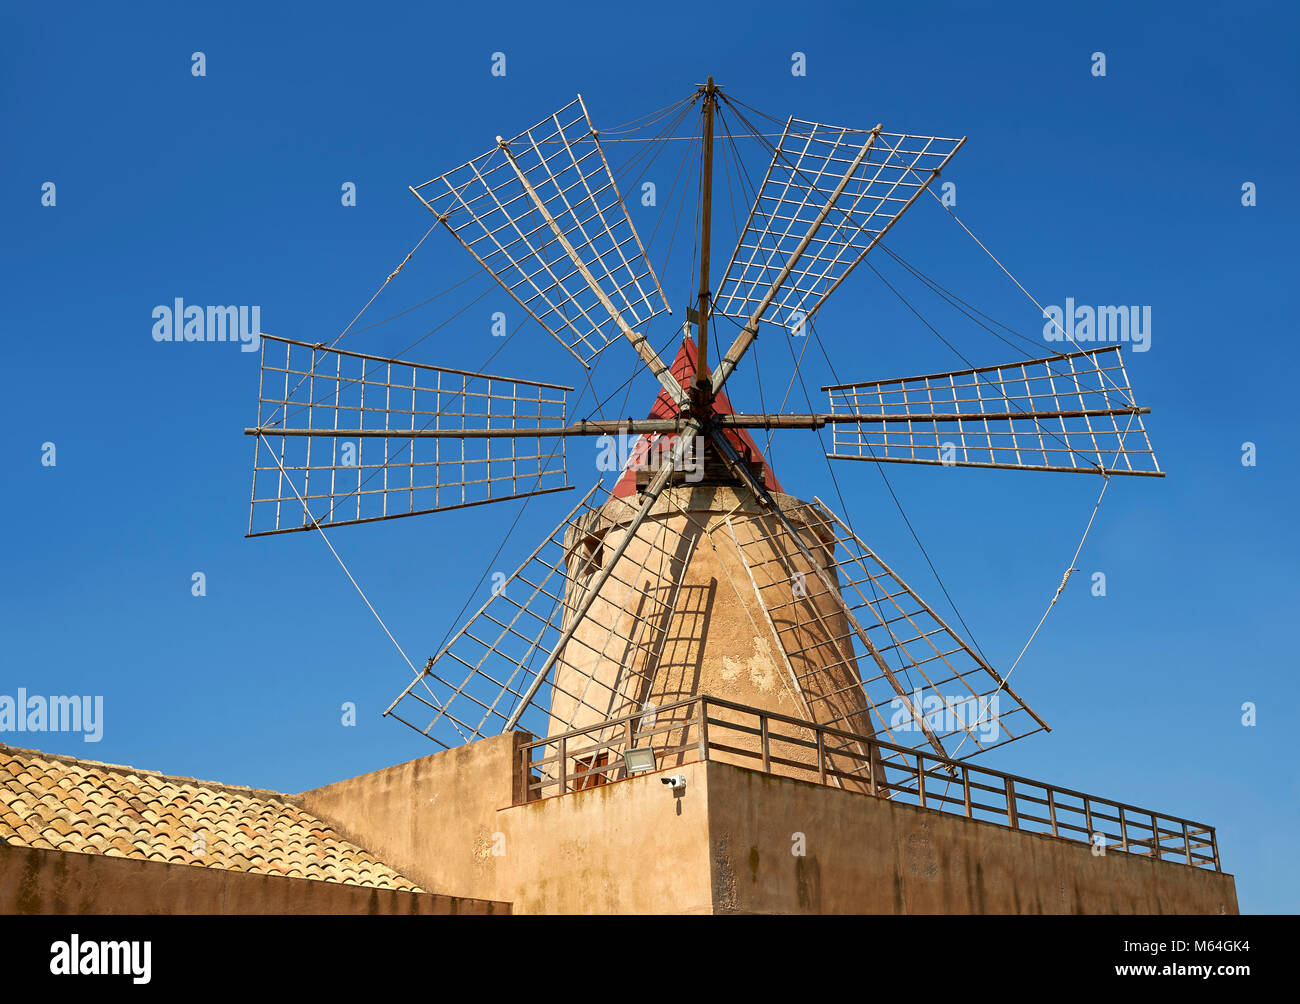 Mulino d'Infersa (mulino di Infersa) mulino a vento, Ettore saline, soluzione salina della Laguna, Masala, Sicilia. Immagini Stock